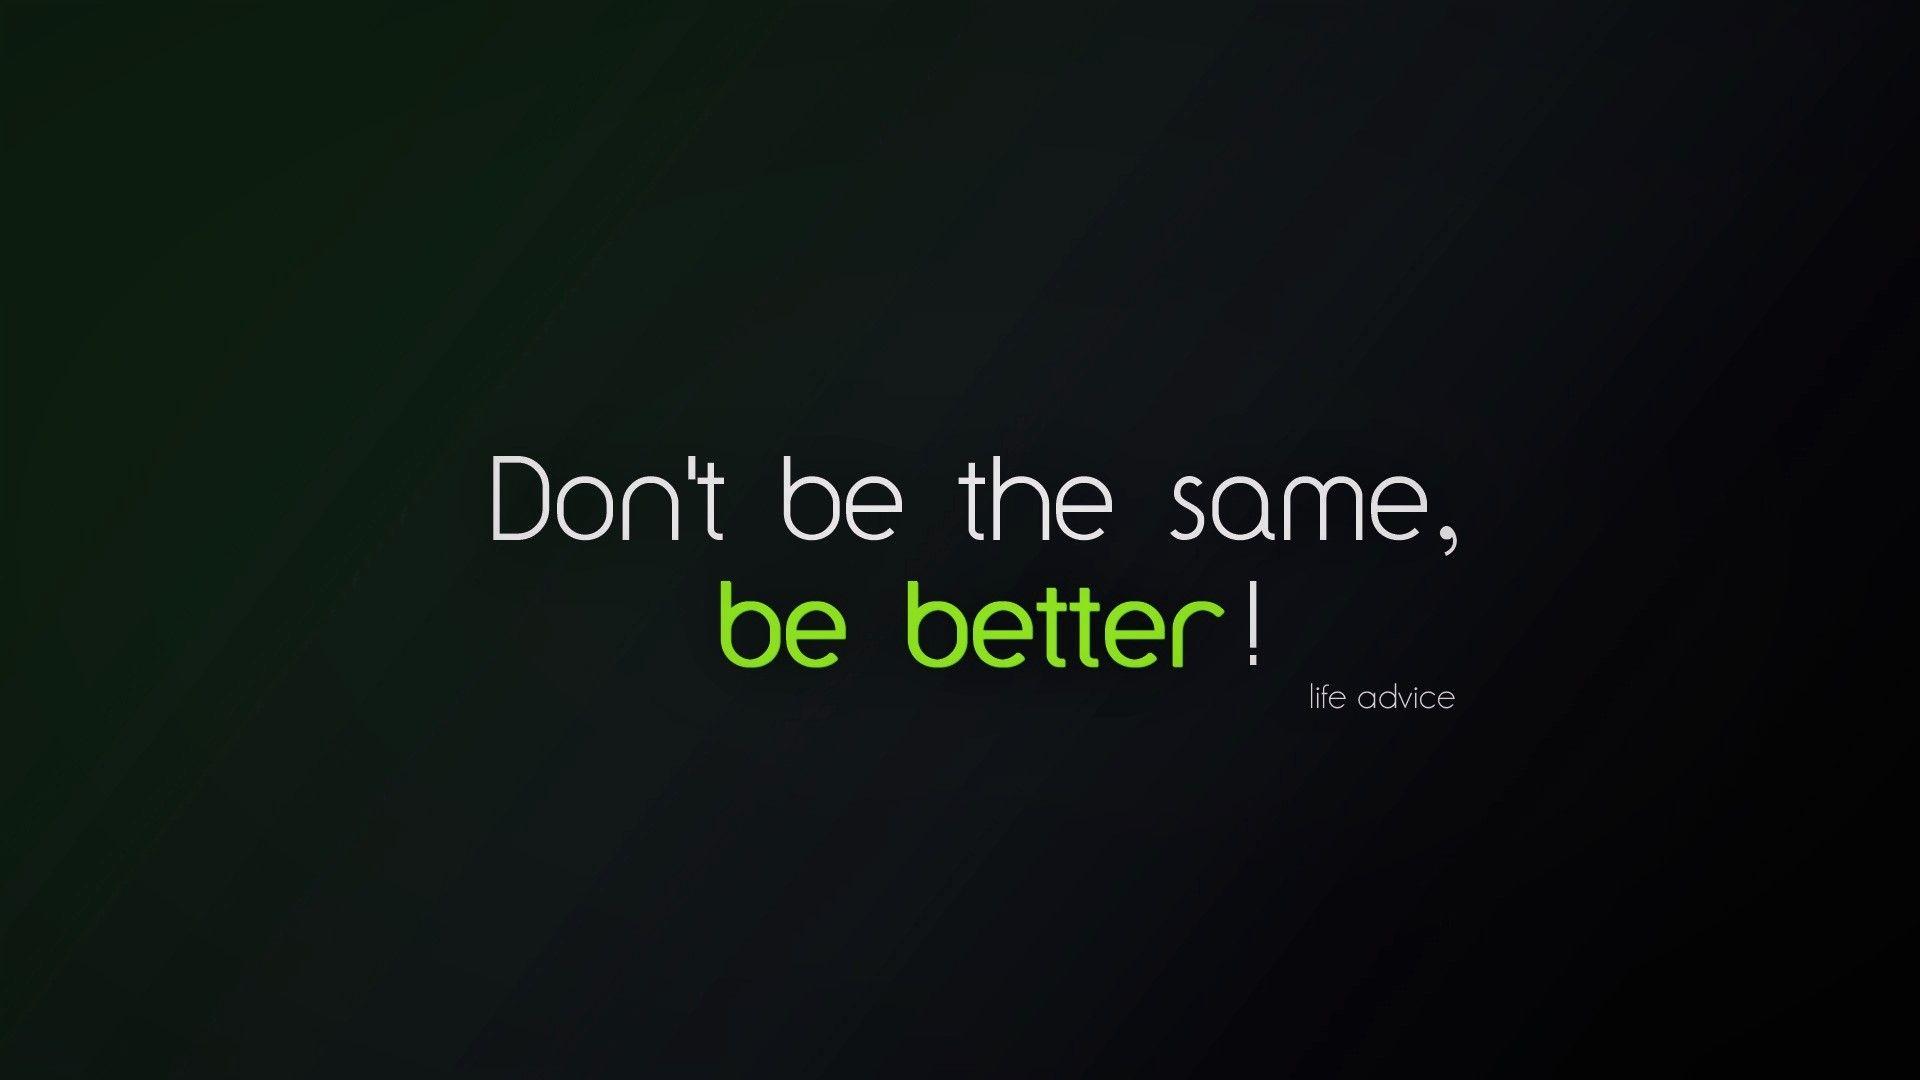 Quotes Desktop Wallpapers